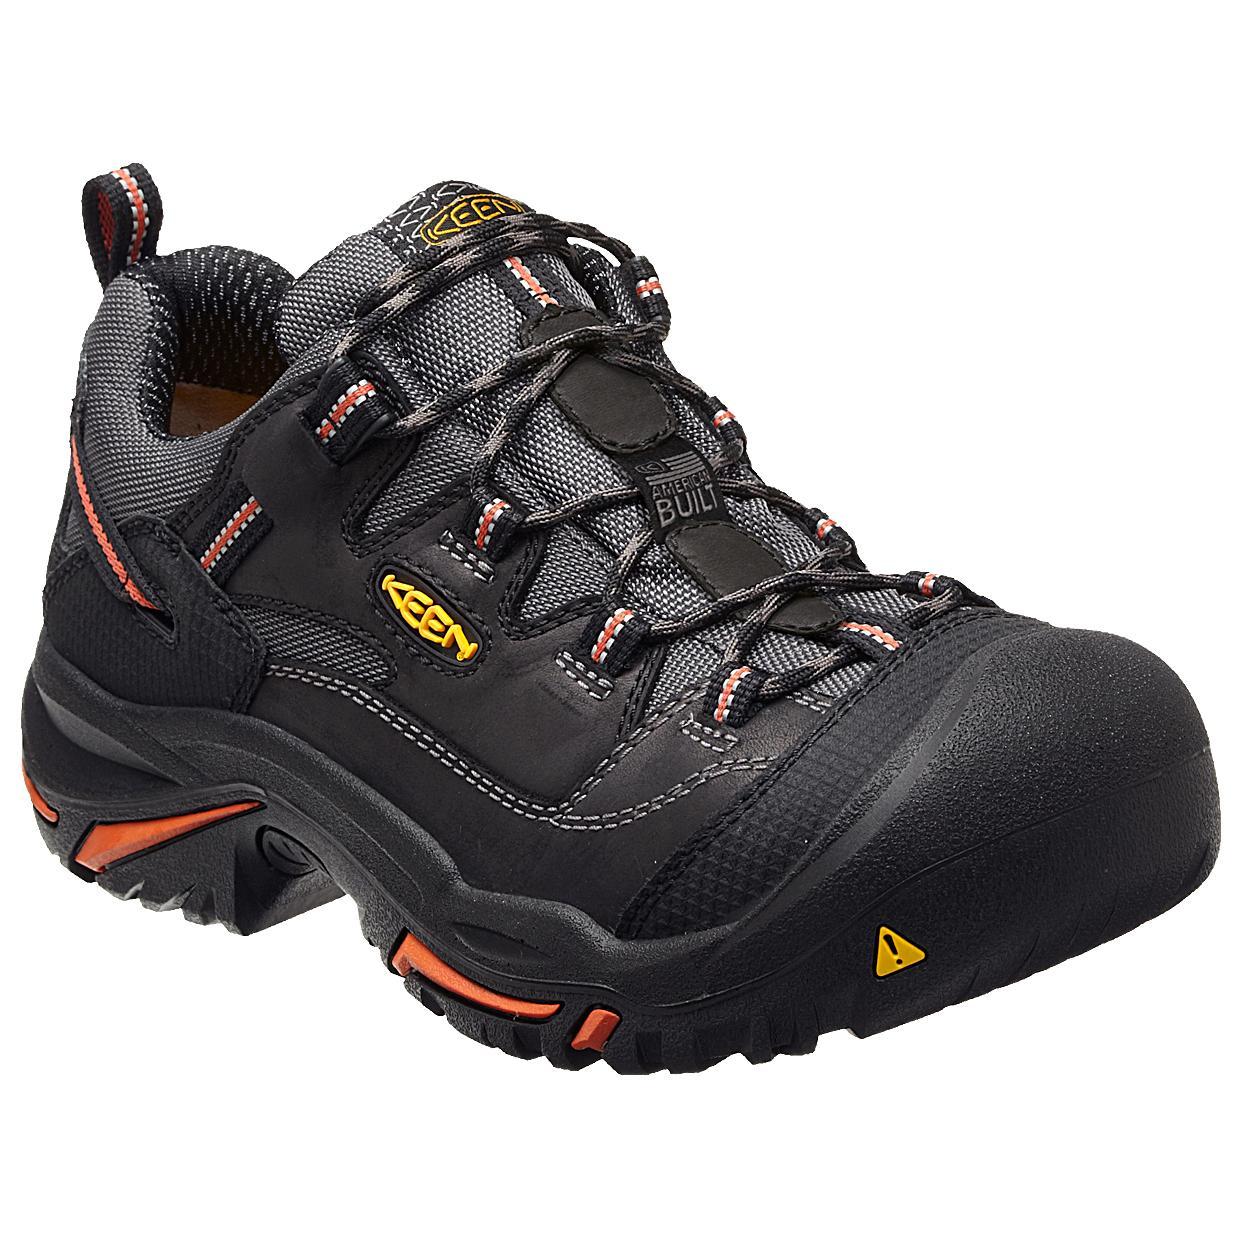 0f448b3f3a KEEN Utility® Braddock Low Steel Toe Athletic Work ShoeKEEN Utility® Braddock  Low Steel Toe Athletic Work Shoe